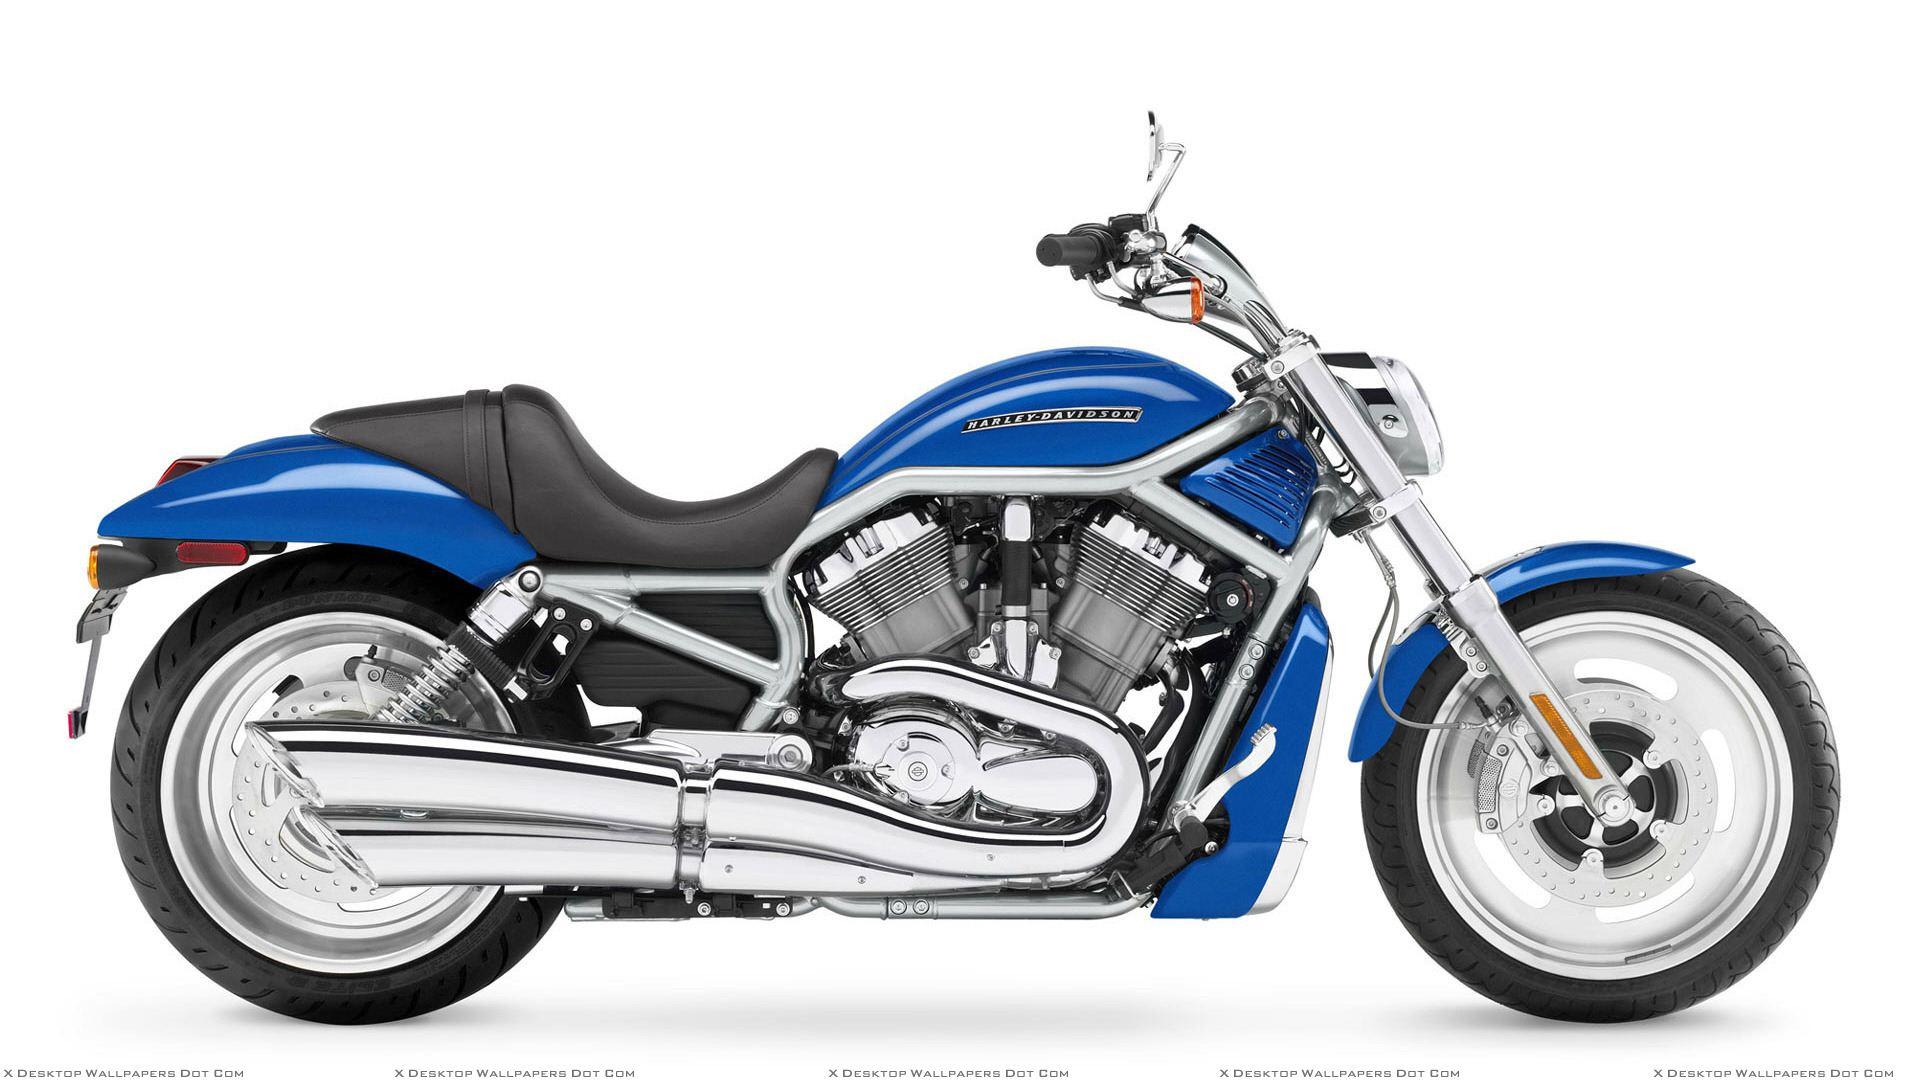 Blue Harley Davidson Vrscf V Rod Muscle Side Pic Wallpaper 1920x1080